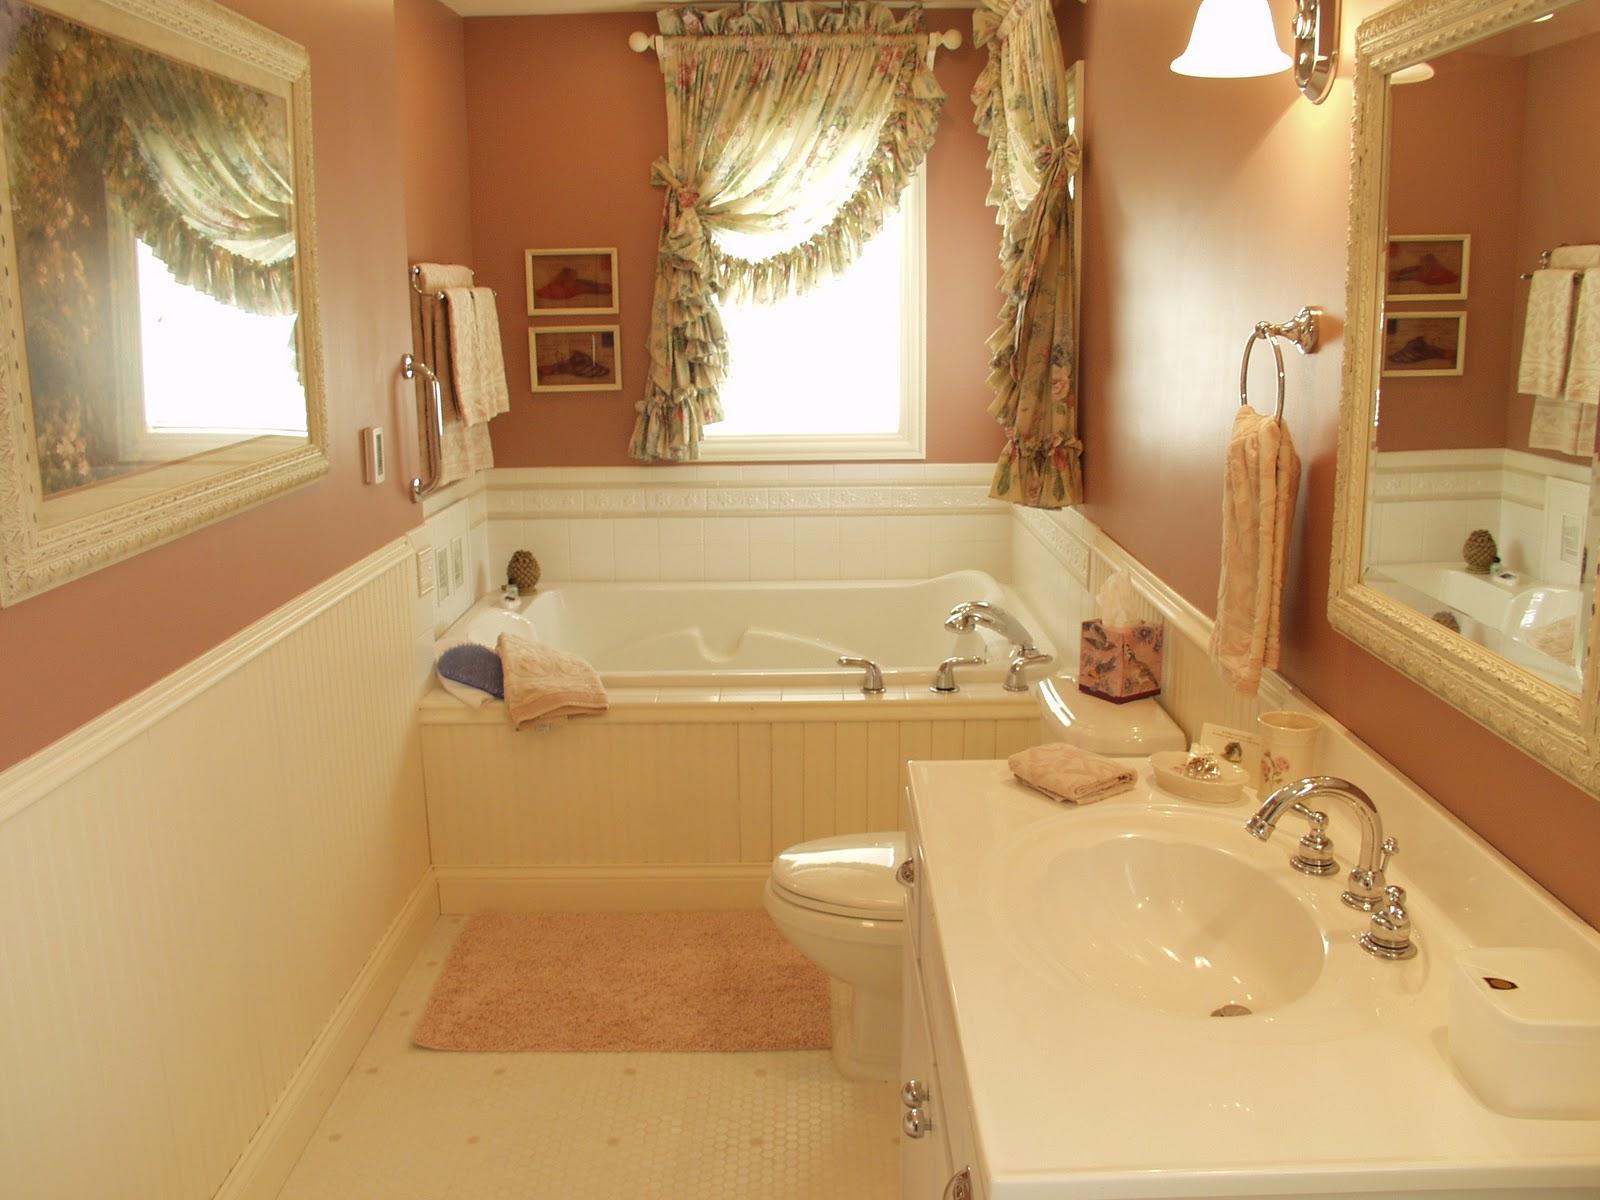 частный дом проекты фото дизайн ванной комнаты #10